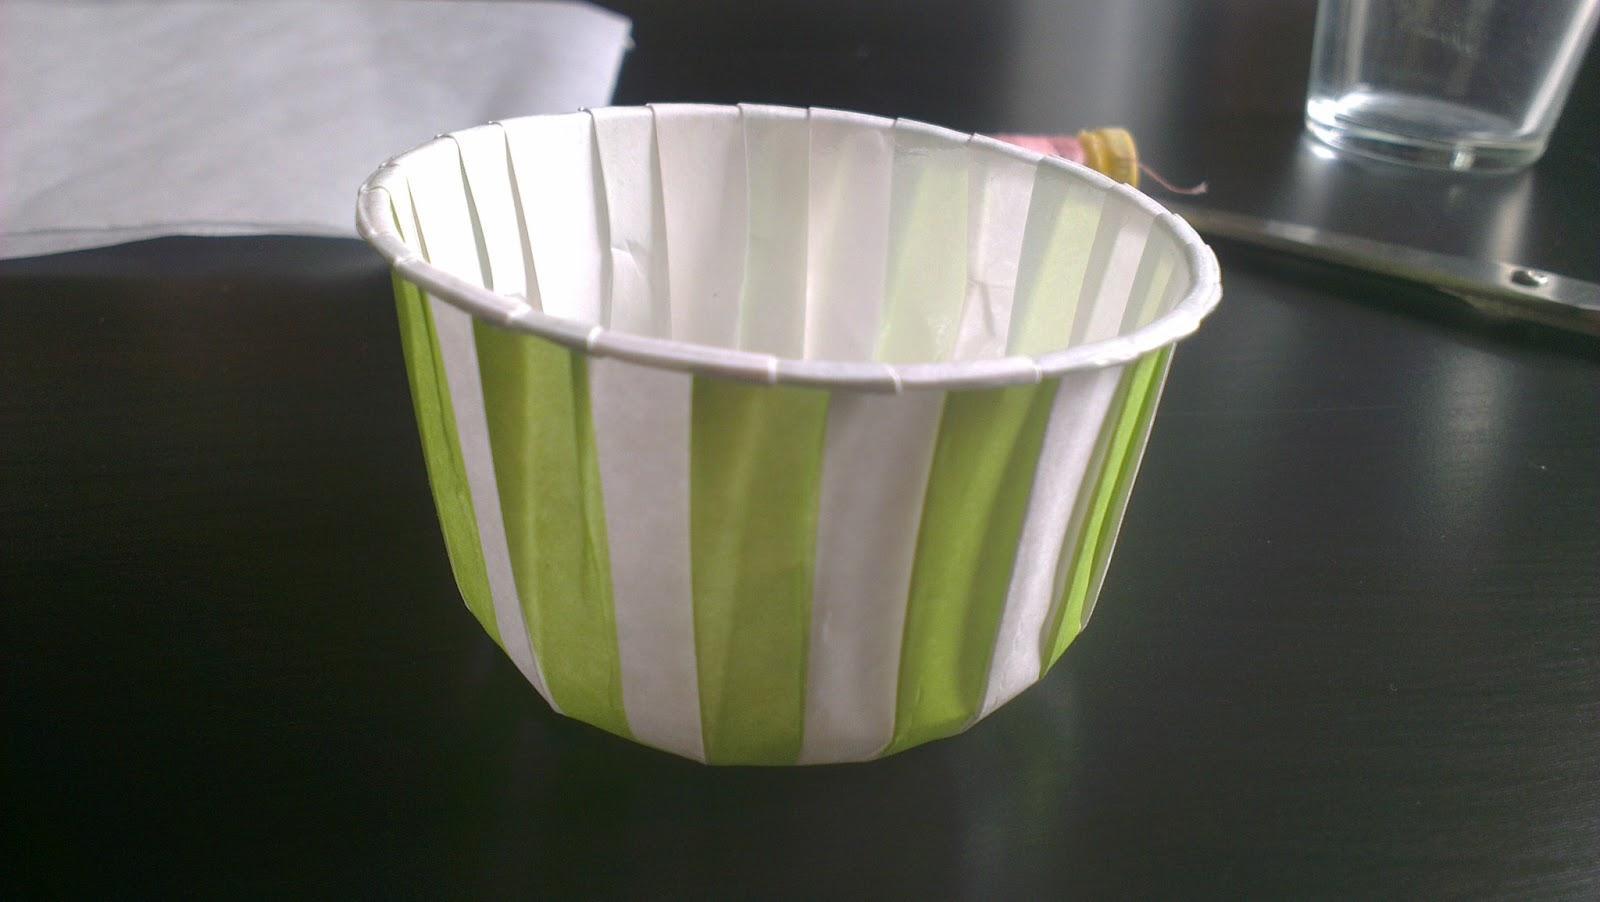 que hacemos es colocar el vaso (el de cristal) en el centro del papel